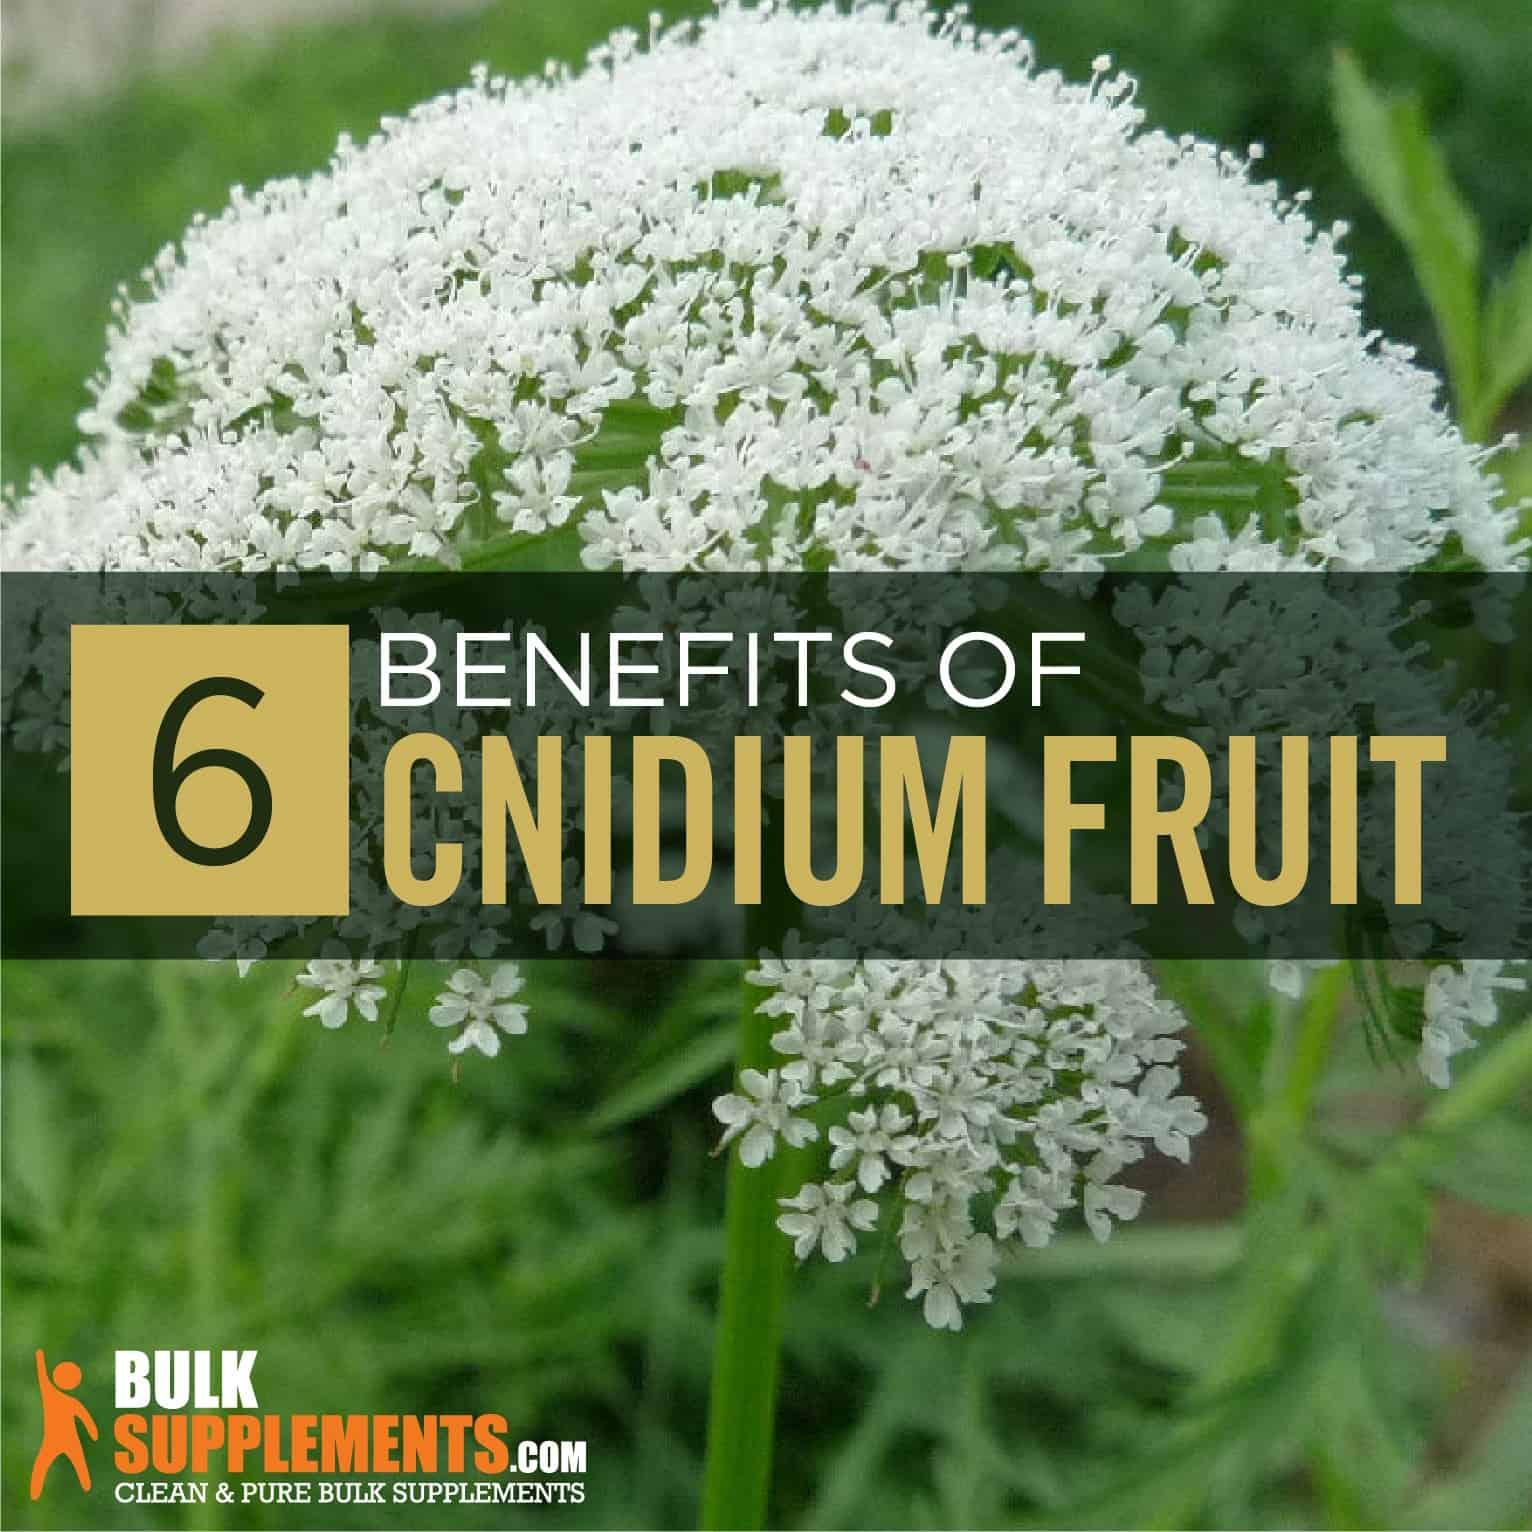 Cnidium Fruit